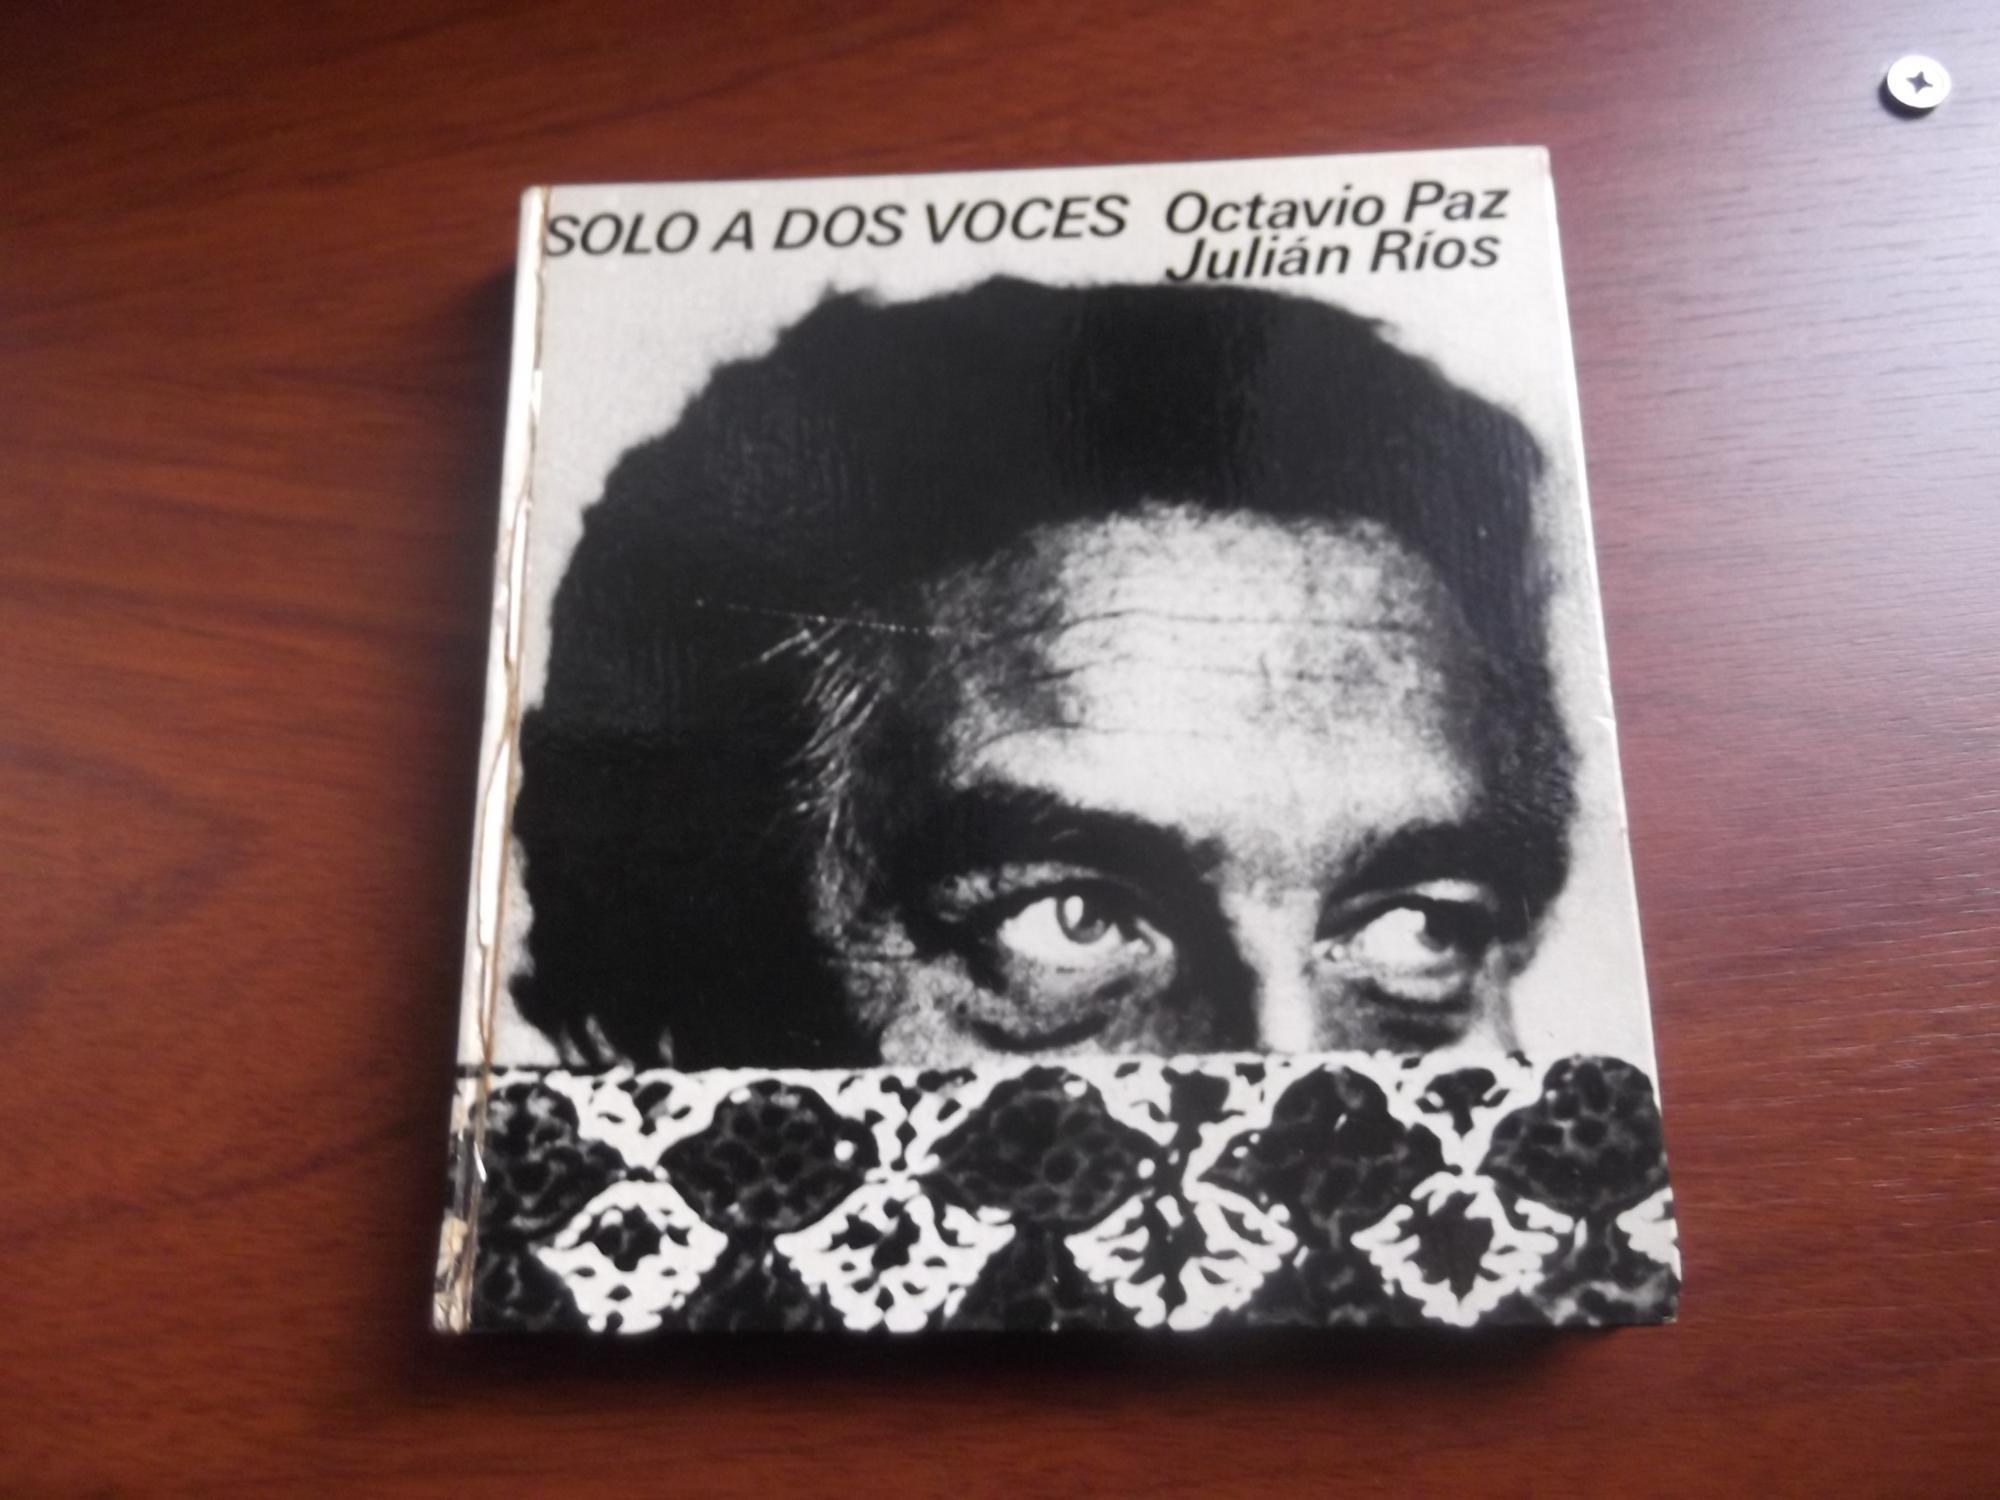 Solo_a_dos_voces_Paz_Octavio_y_Julián_Ríos_Très_bon_Couverture_rigide